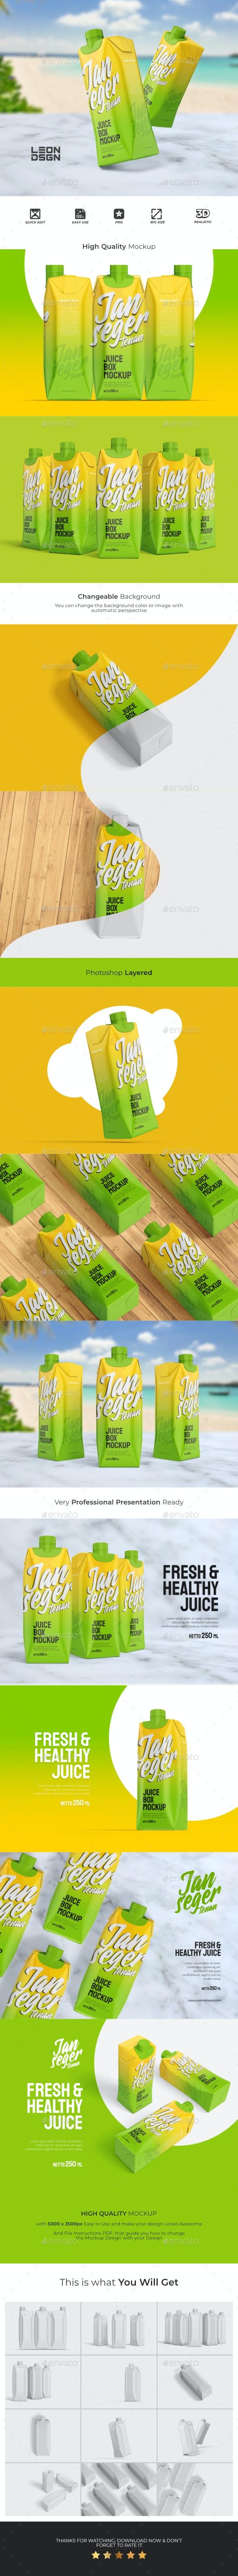 12个果汁盒包装样机模板